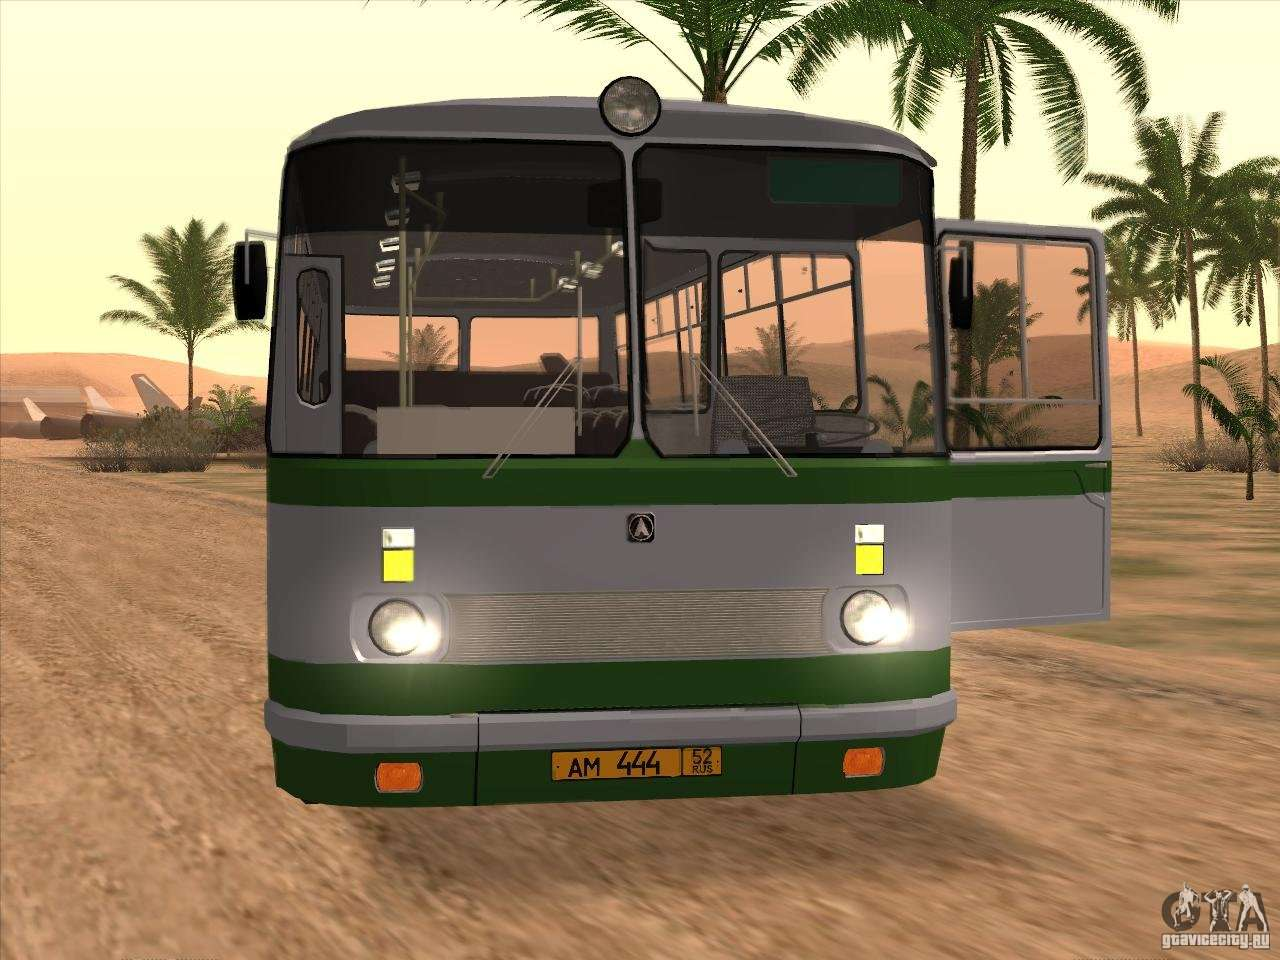 Звук автобуса скачать